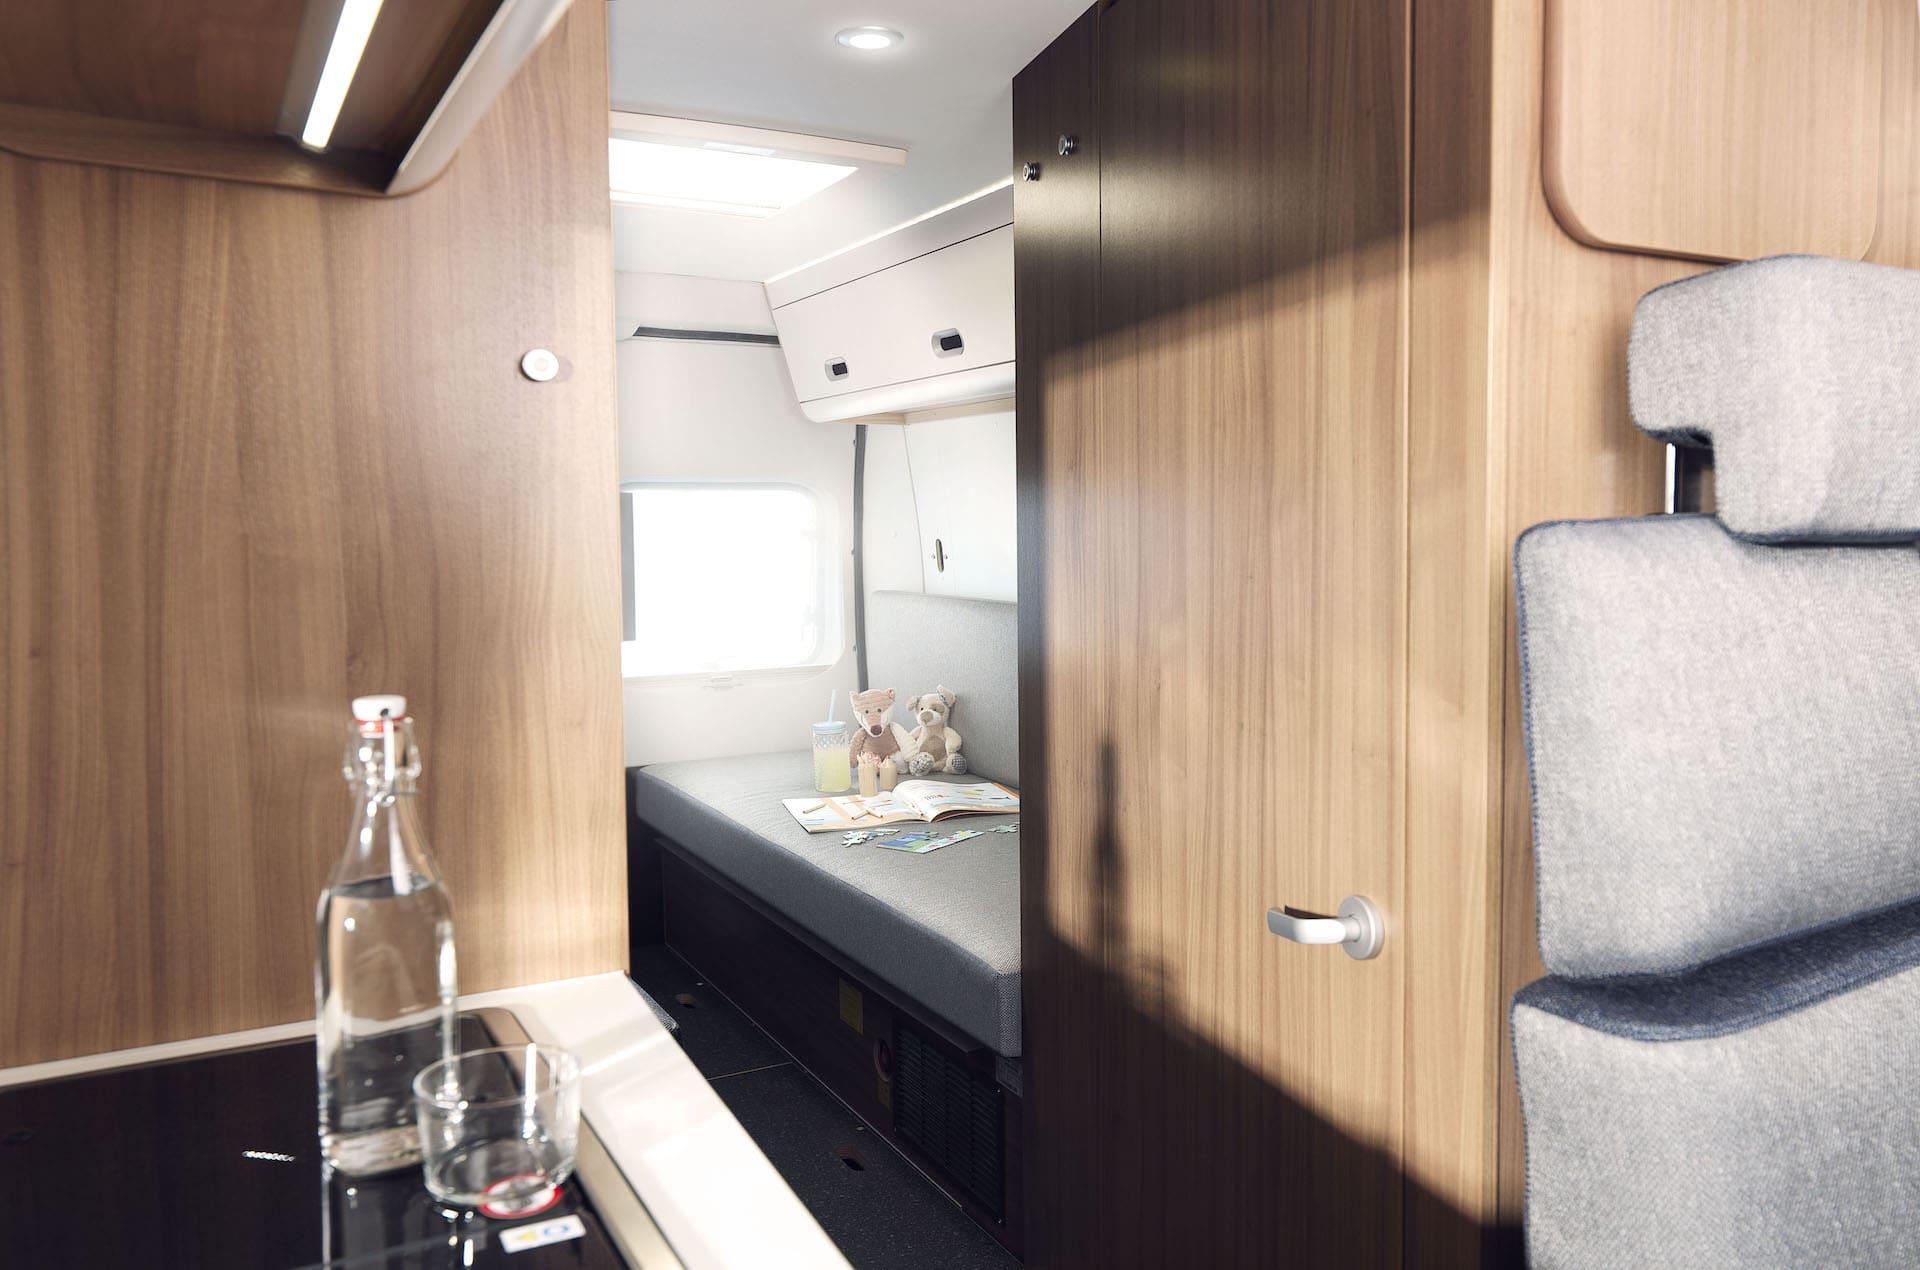 Blick in den Wohnbereich eines Reisemobils